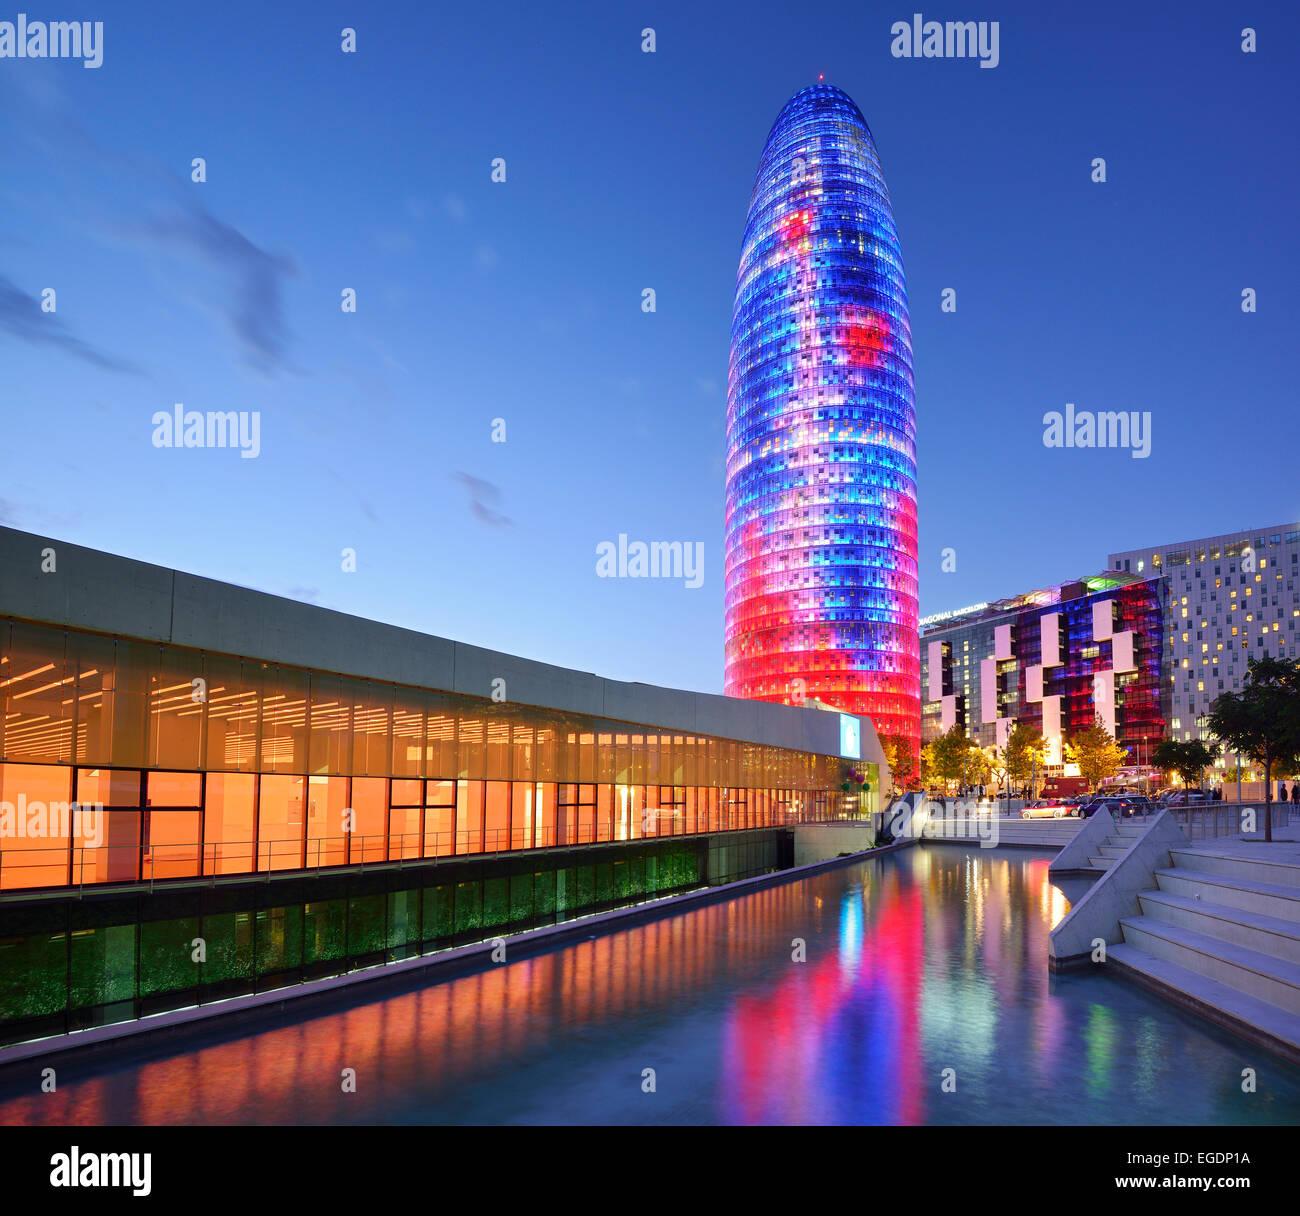 Disseny Hub Barcelona y rascacielos Torre Agbar, iluminado, el arquitecto Jean Nouvel, Barcelona, Cataluña, Imagen De Stock